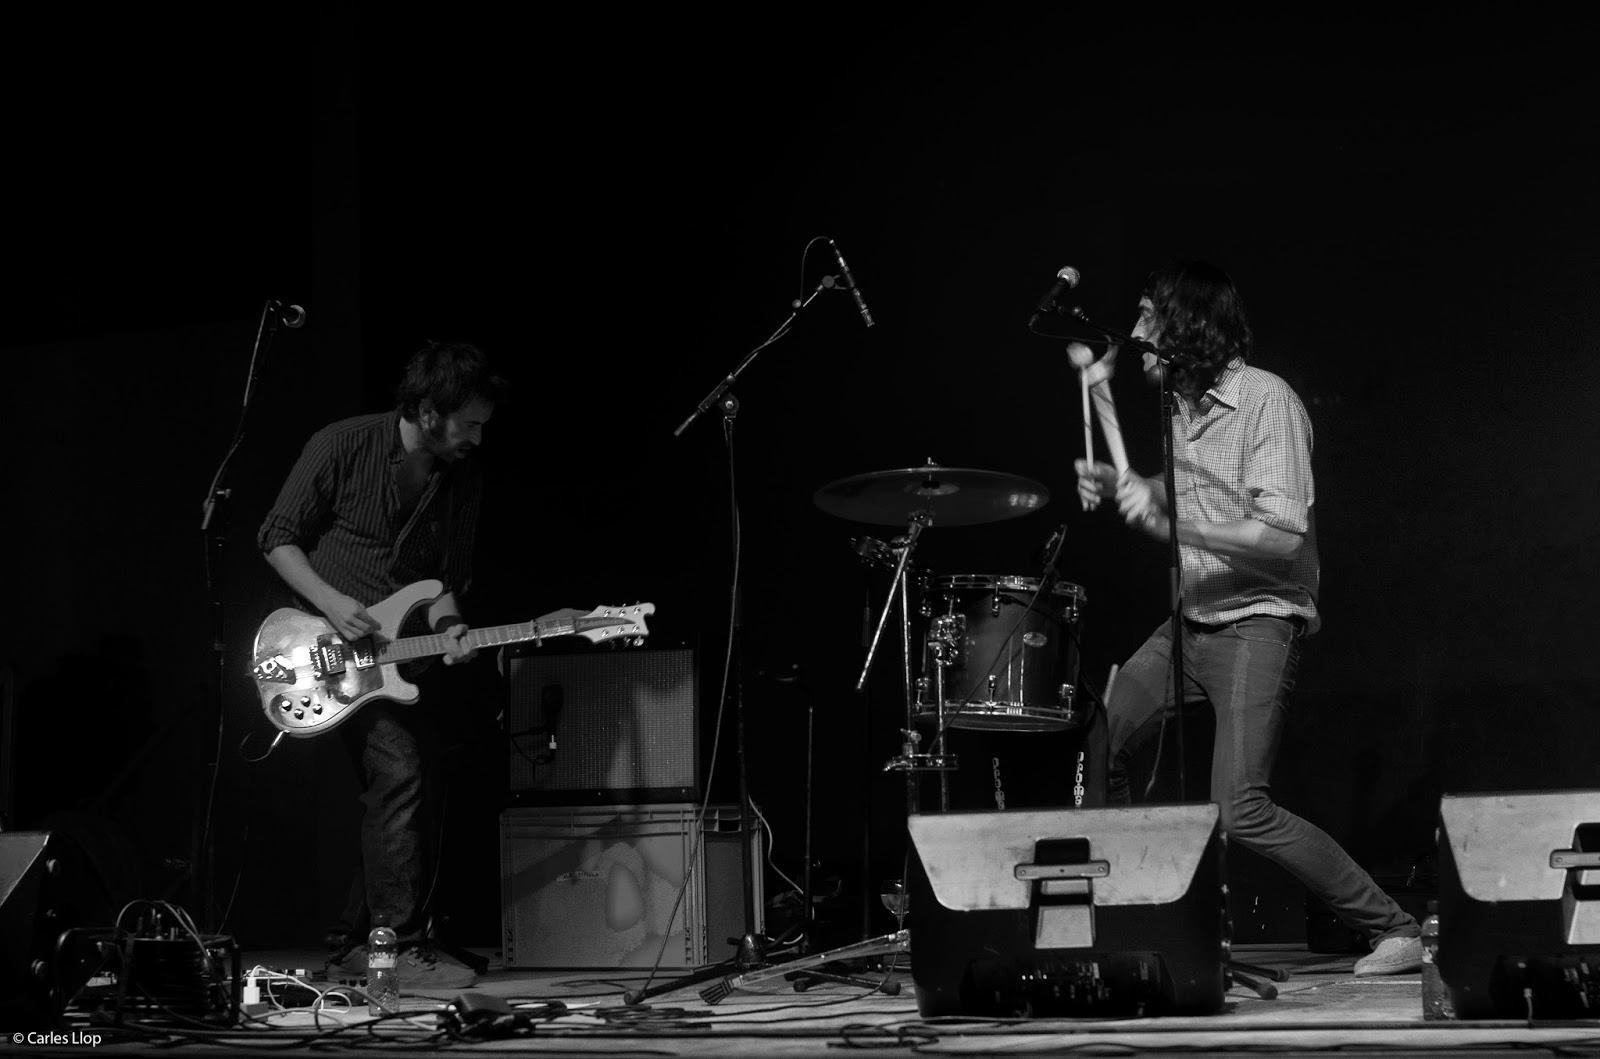 César (esquerre) i David en un concert dels Harrison Ford Fiesta a Reus - Foto: Carles Llop